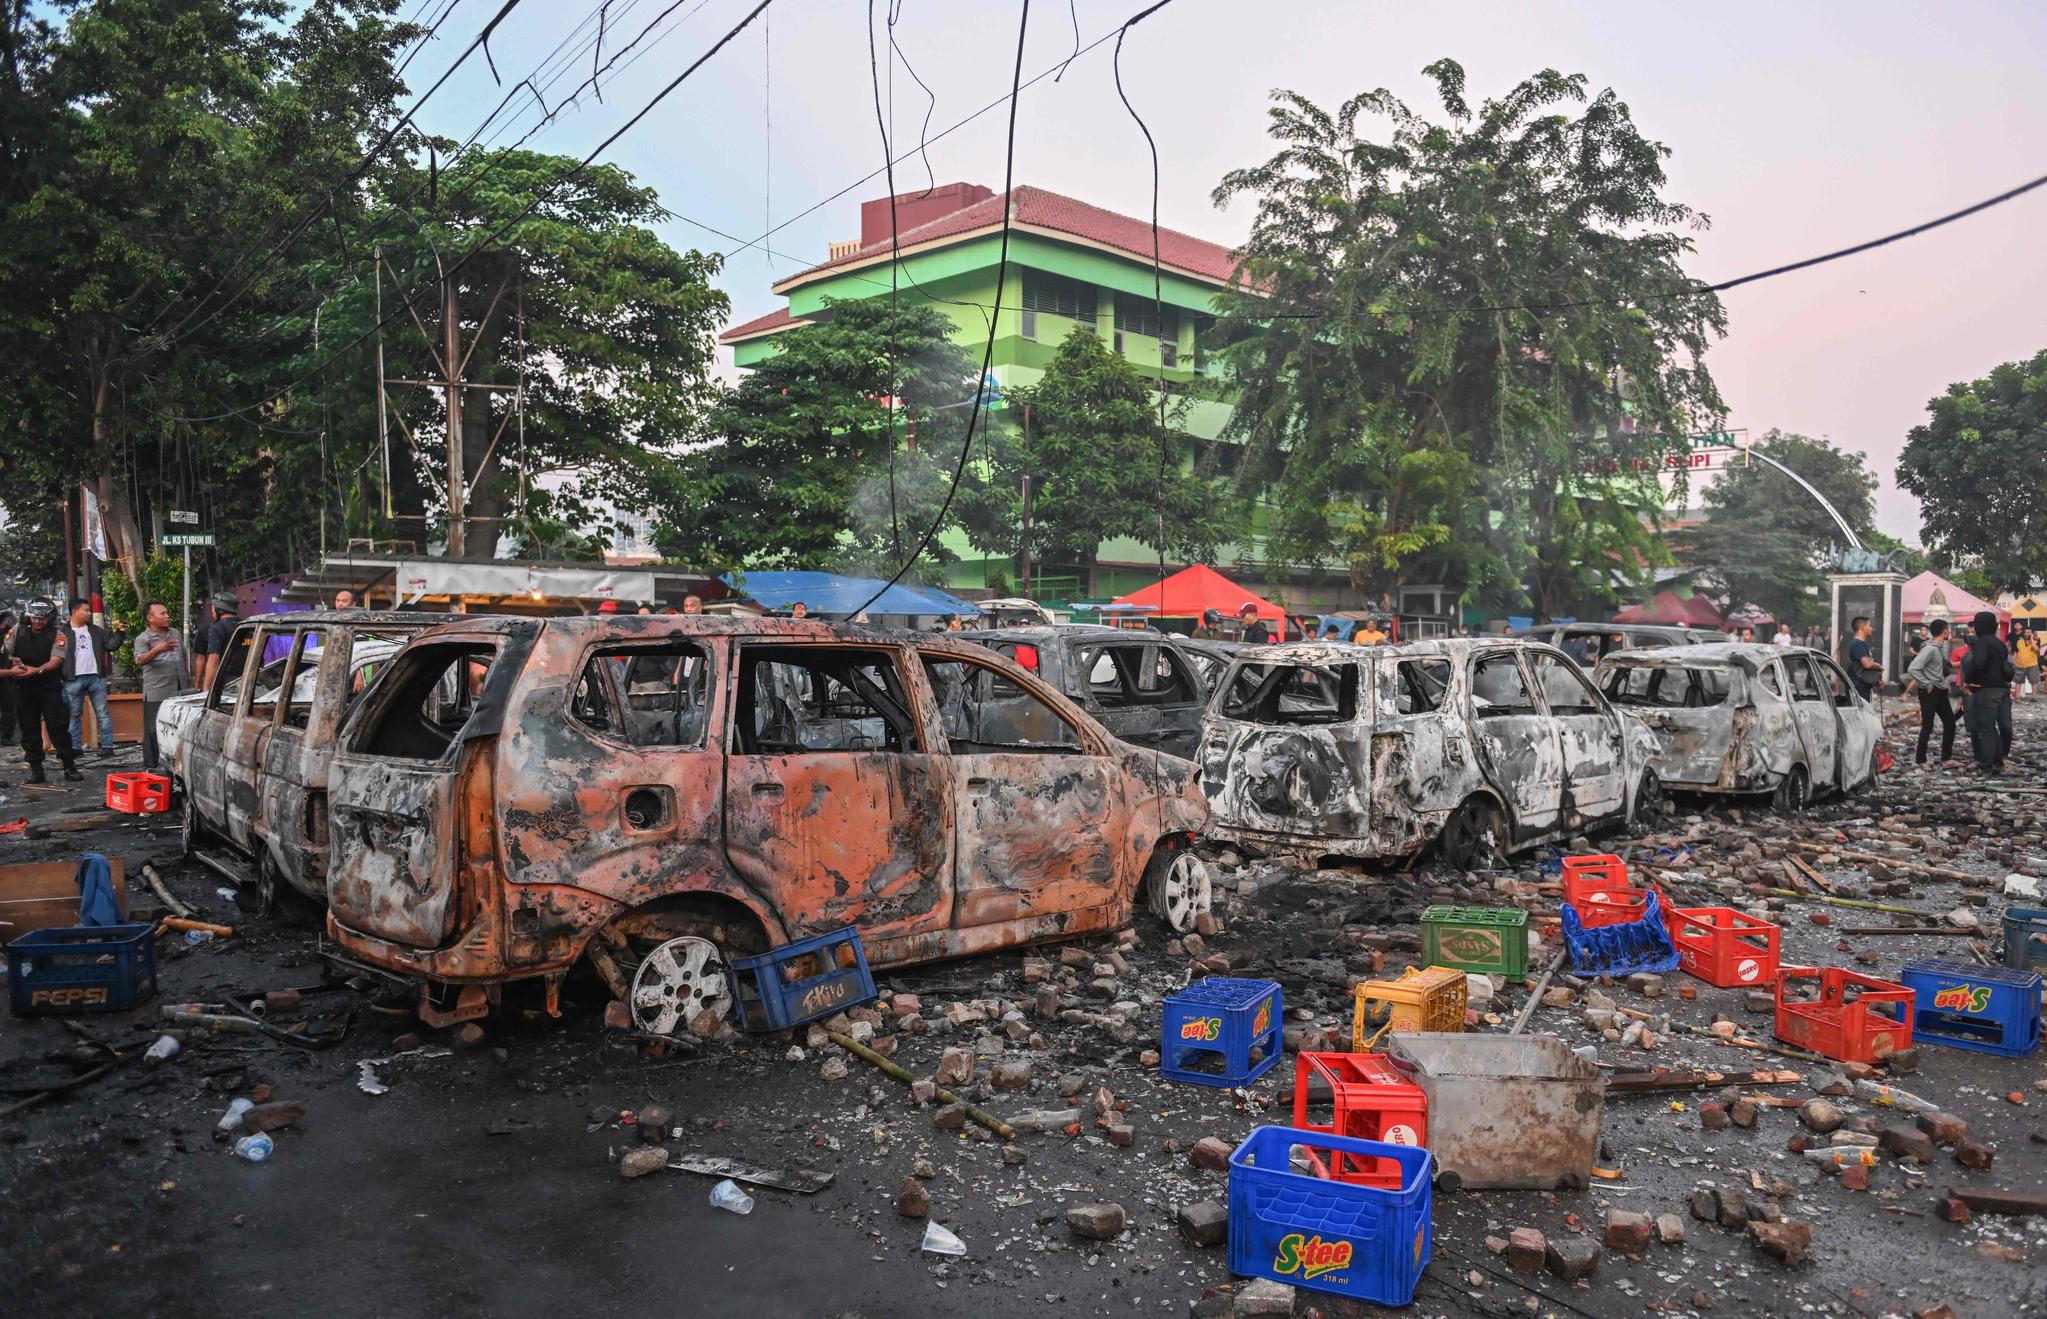 인도네시아 대선 결과에 불복한 야권 지지자들이 시위를 벌이는 동안 불에 탄 차량이 22일(현지시간) 자카르타 선거감독위원회 인근에 방치 돼 있다. [AFP=연합뉴스]